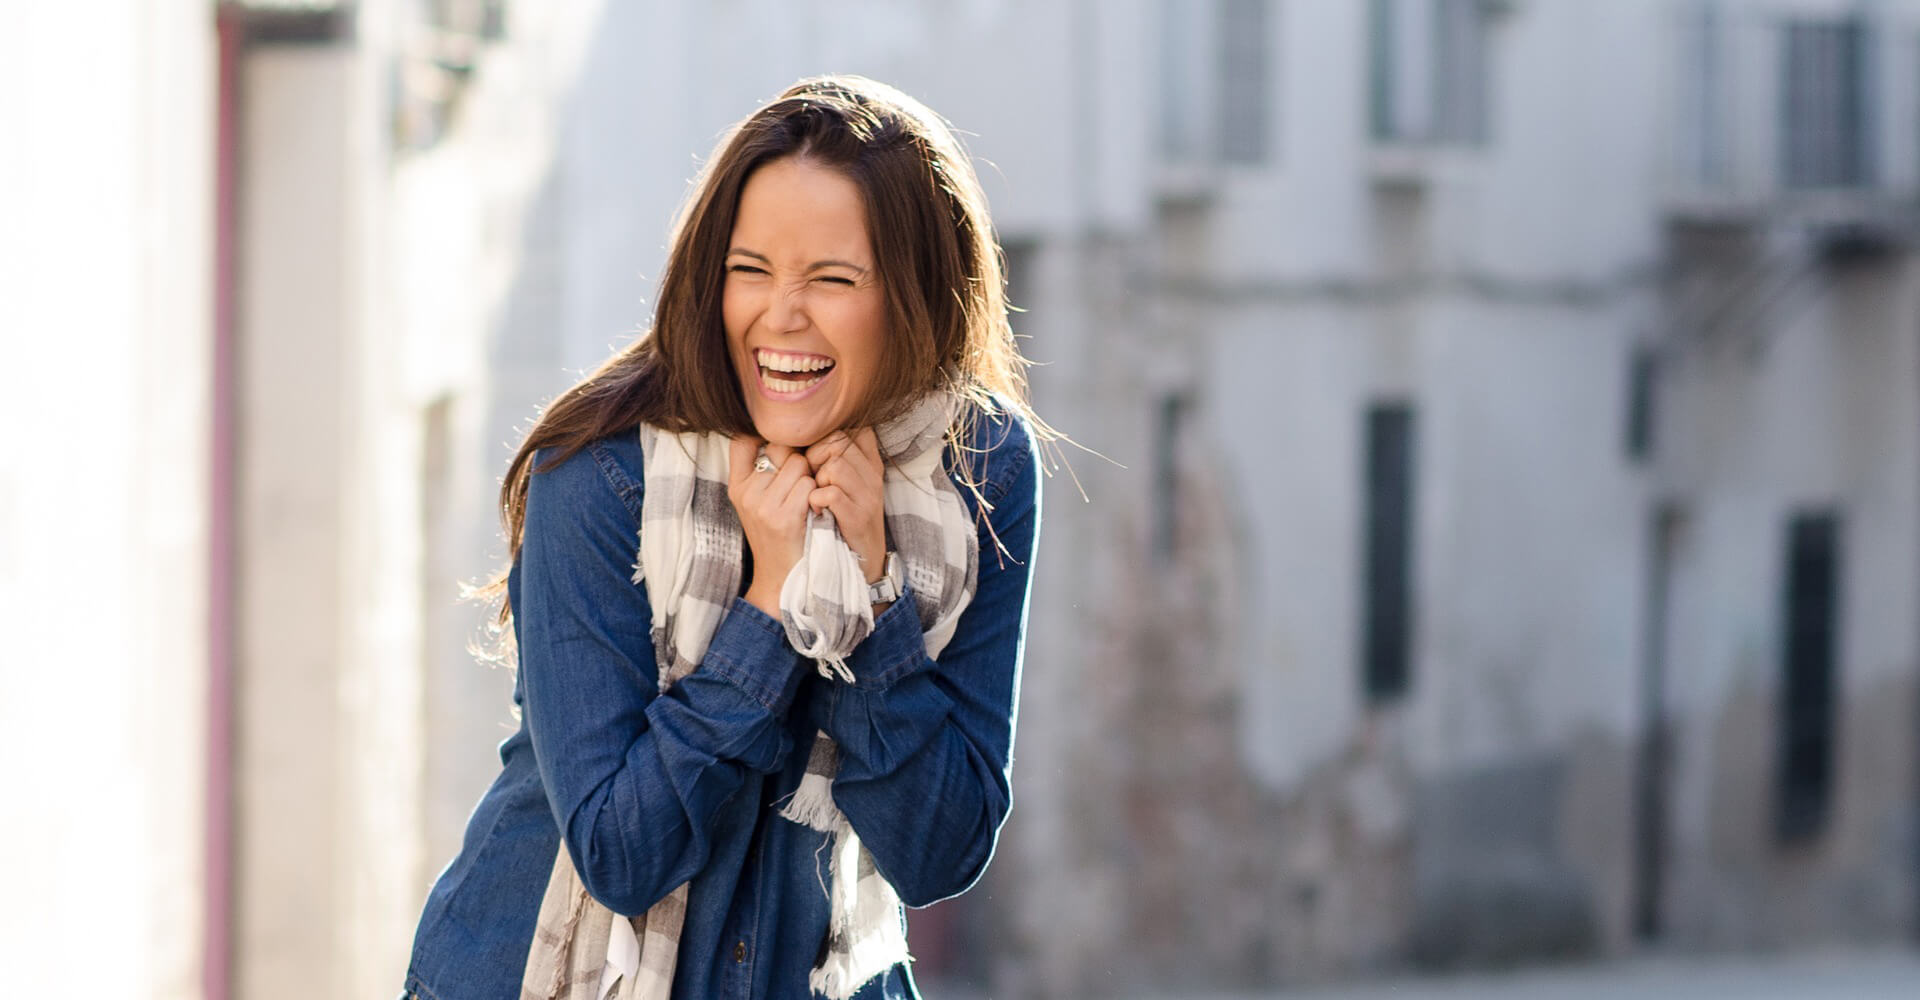 Lachende Frau mit schoenen weißen Zaehnen